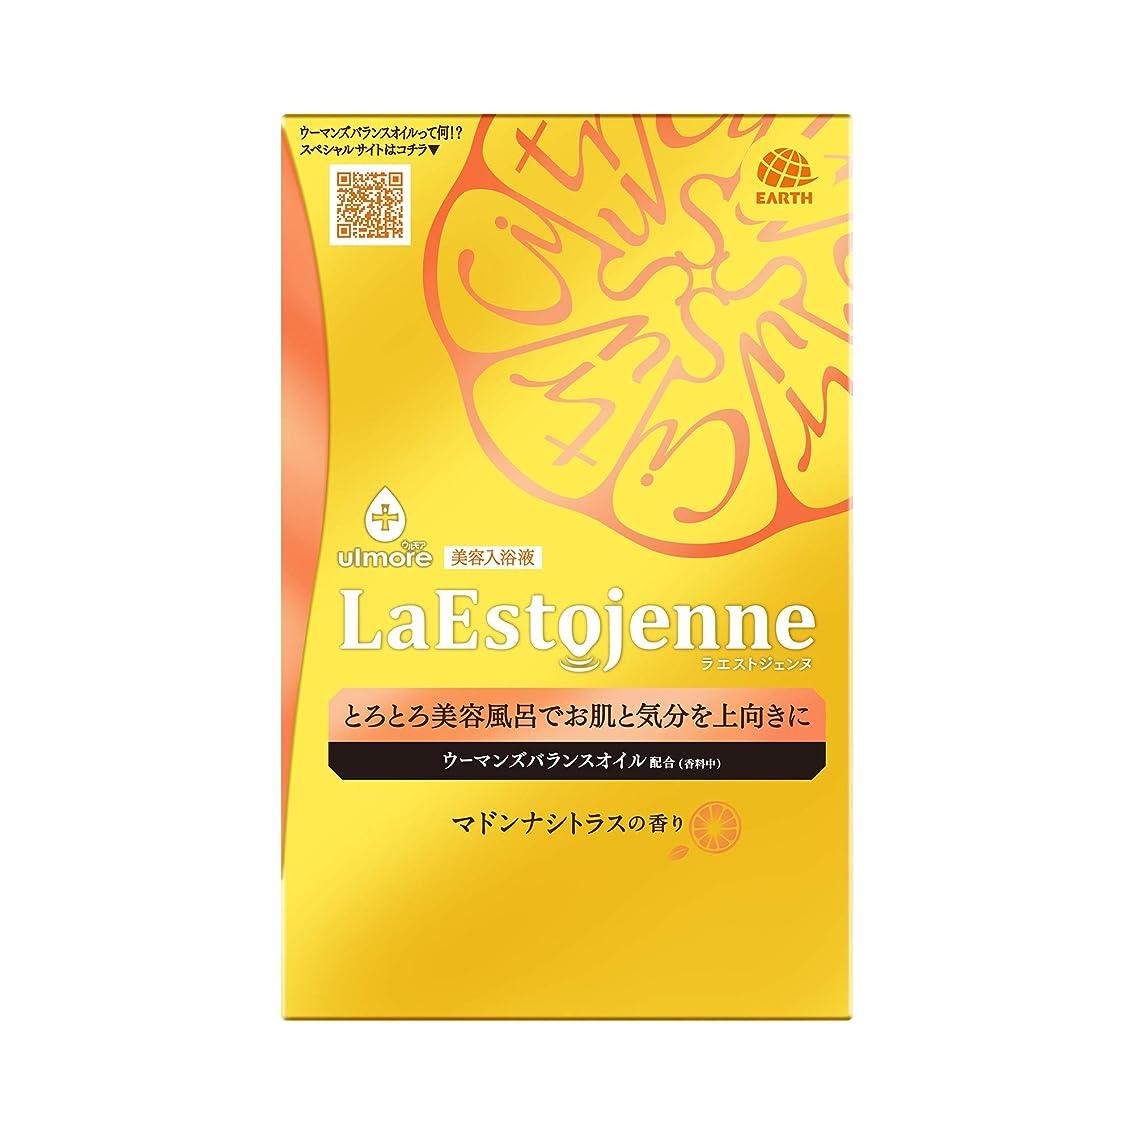 先コンドーム生き物ウルモア ラエストジェンヌ 入浴剤 マドンナシトラスの香り [160ml x 3包入り]